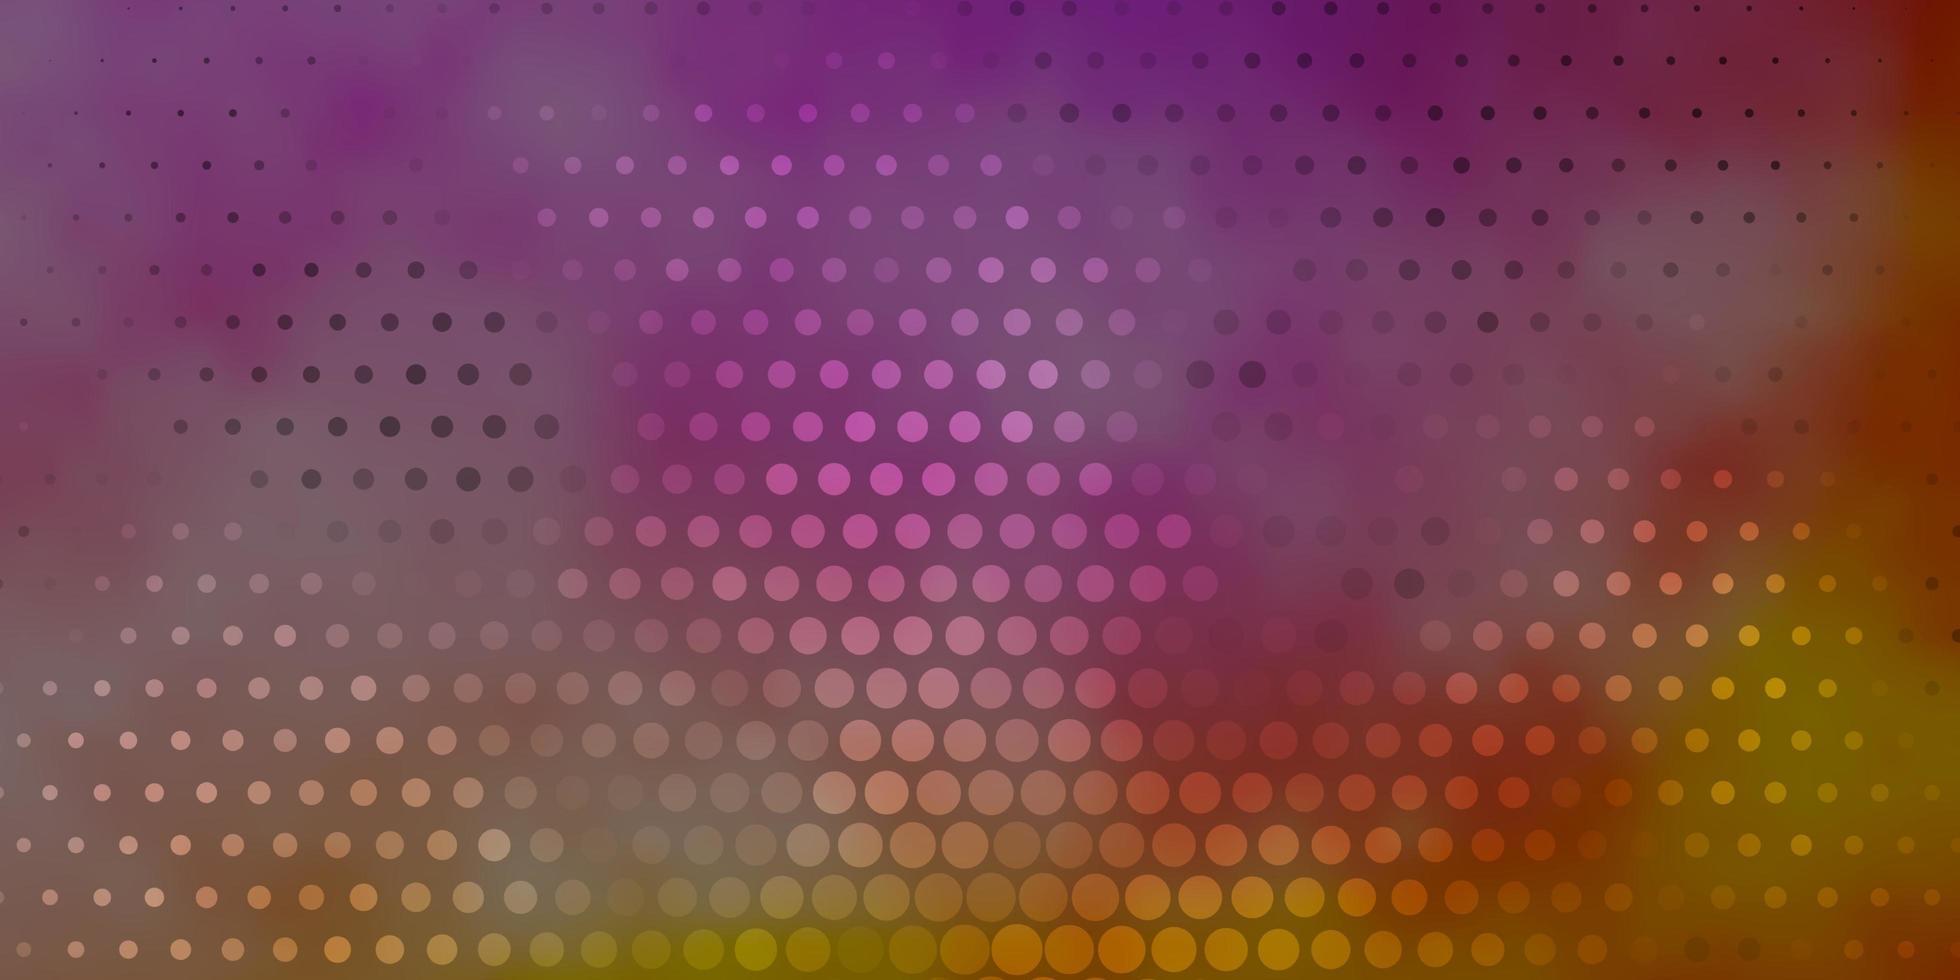 dunkelrosa, gelber Hintergrund mit Kreisen. vektor